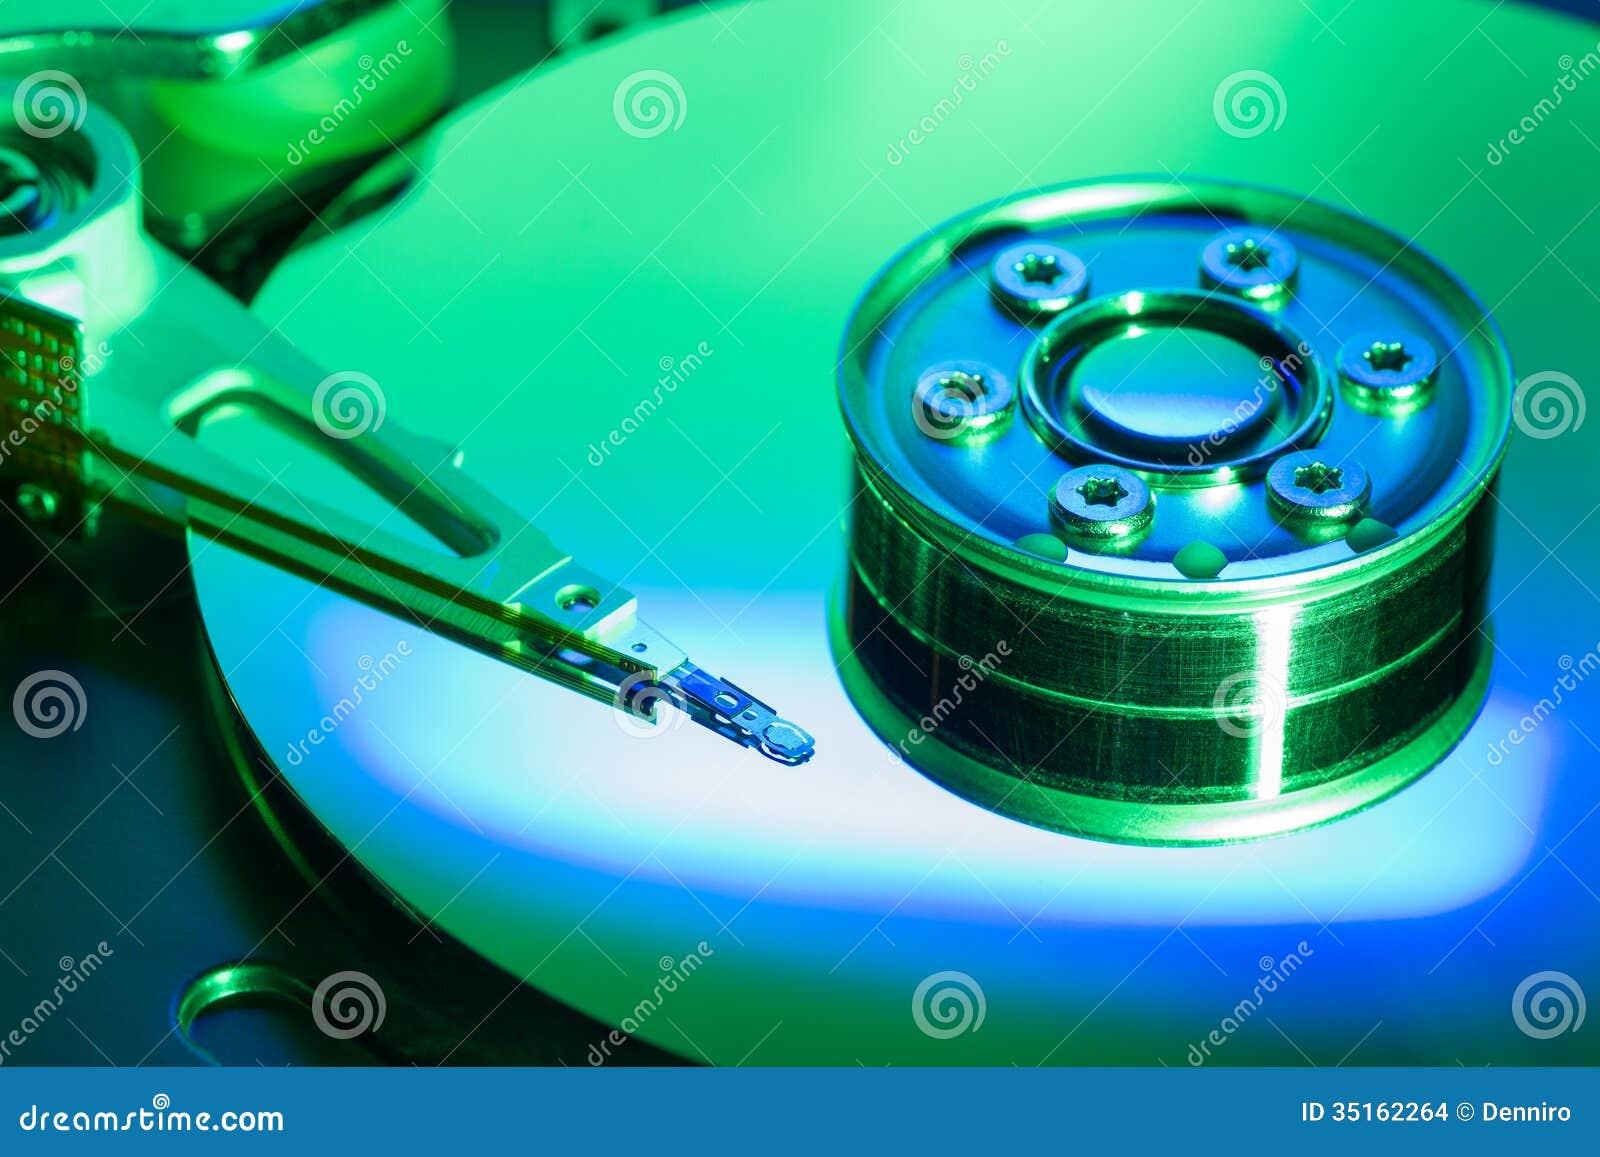 Movimentação de disco rígido